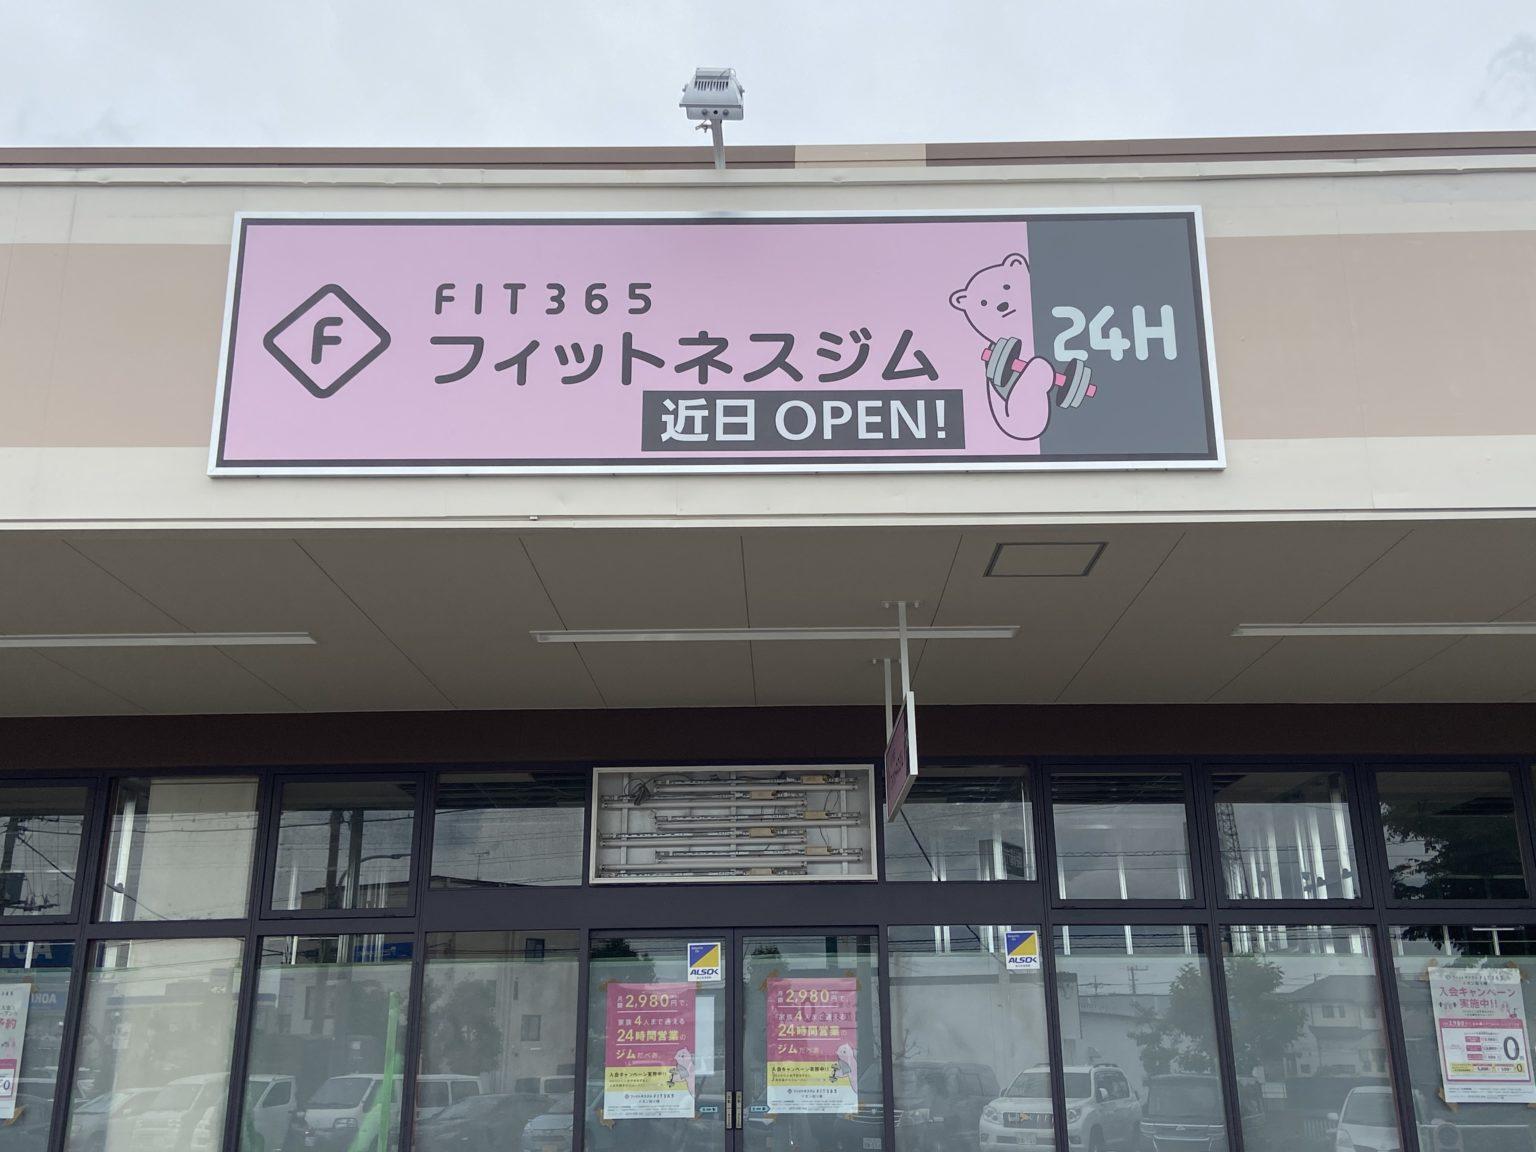 フィットネスジムFIT365イオン松ヶ崎